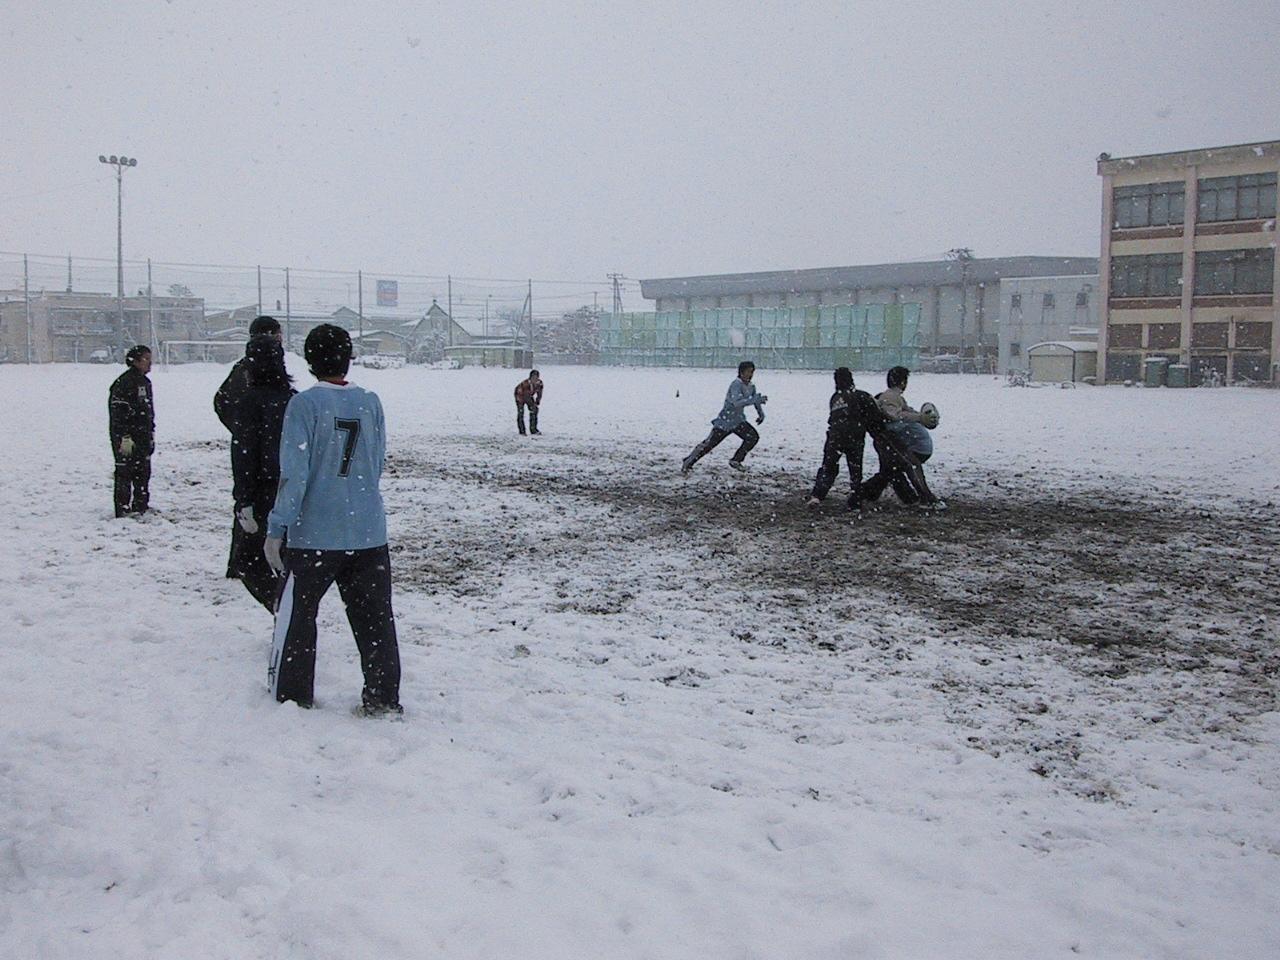 雪中練習_c0095835_12581146.jpg